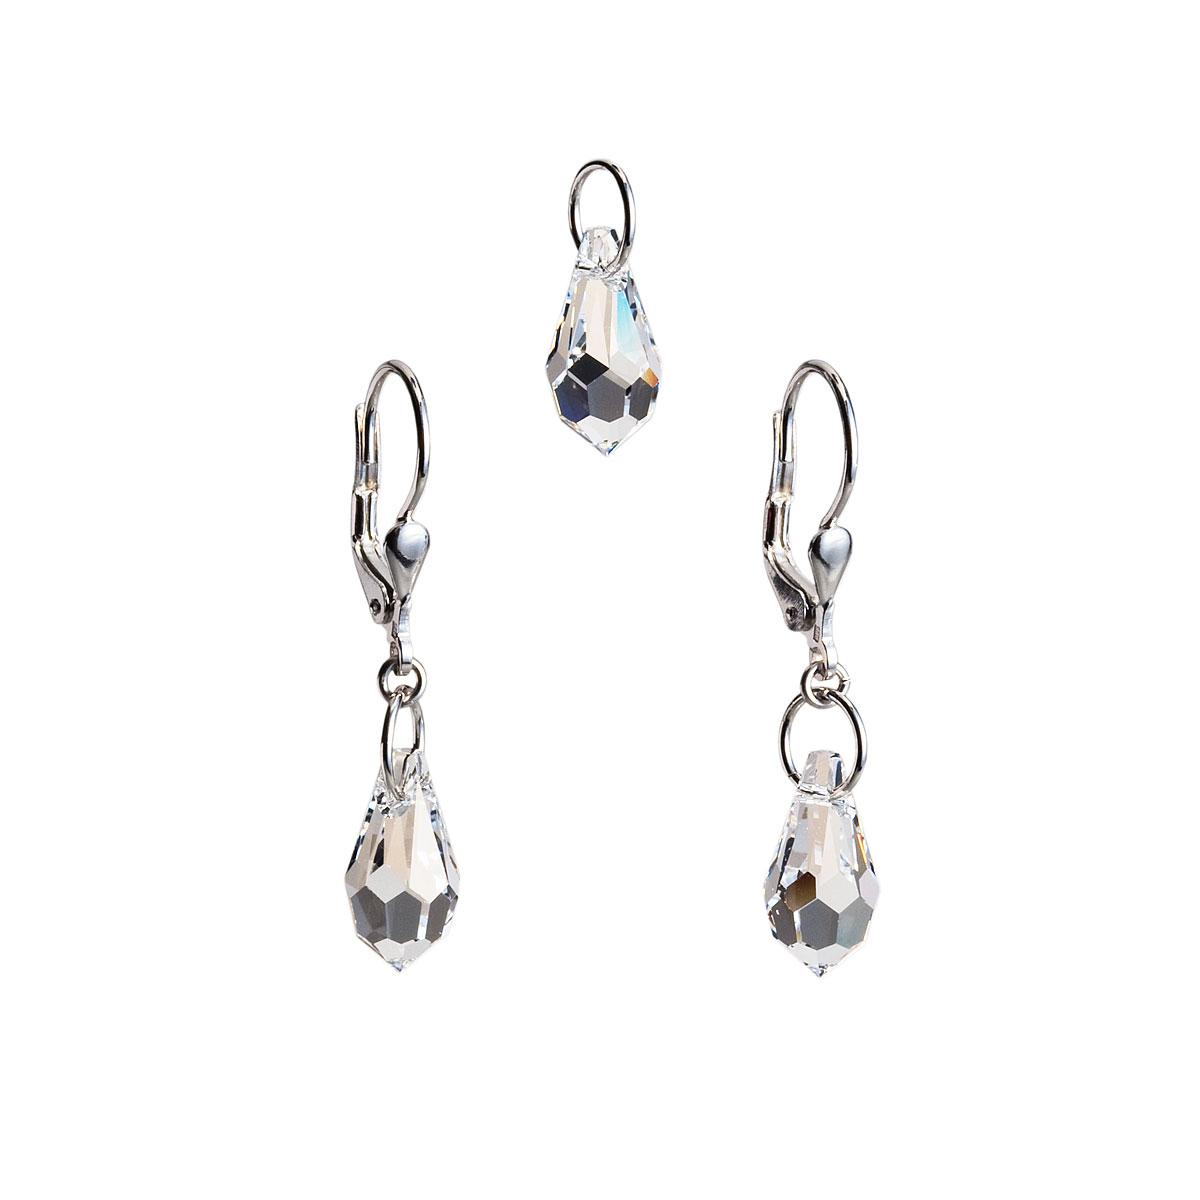 Evolution Group Sada šperků s krystaly Swarovski náušnice a přívěsek bílá slza 39029.1